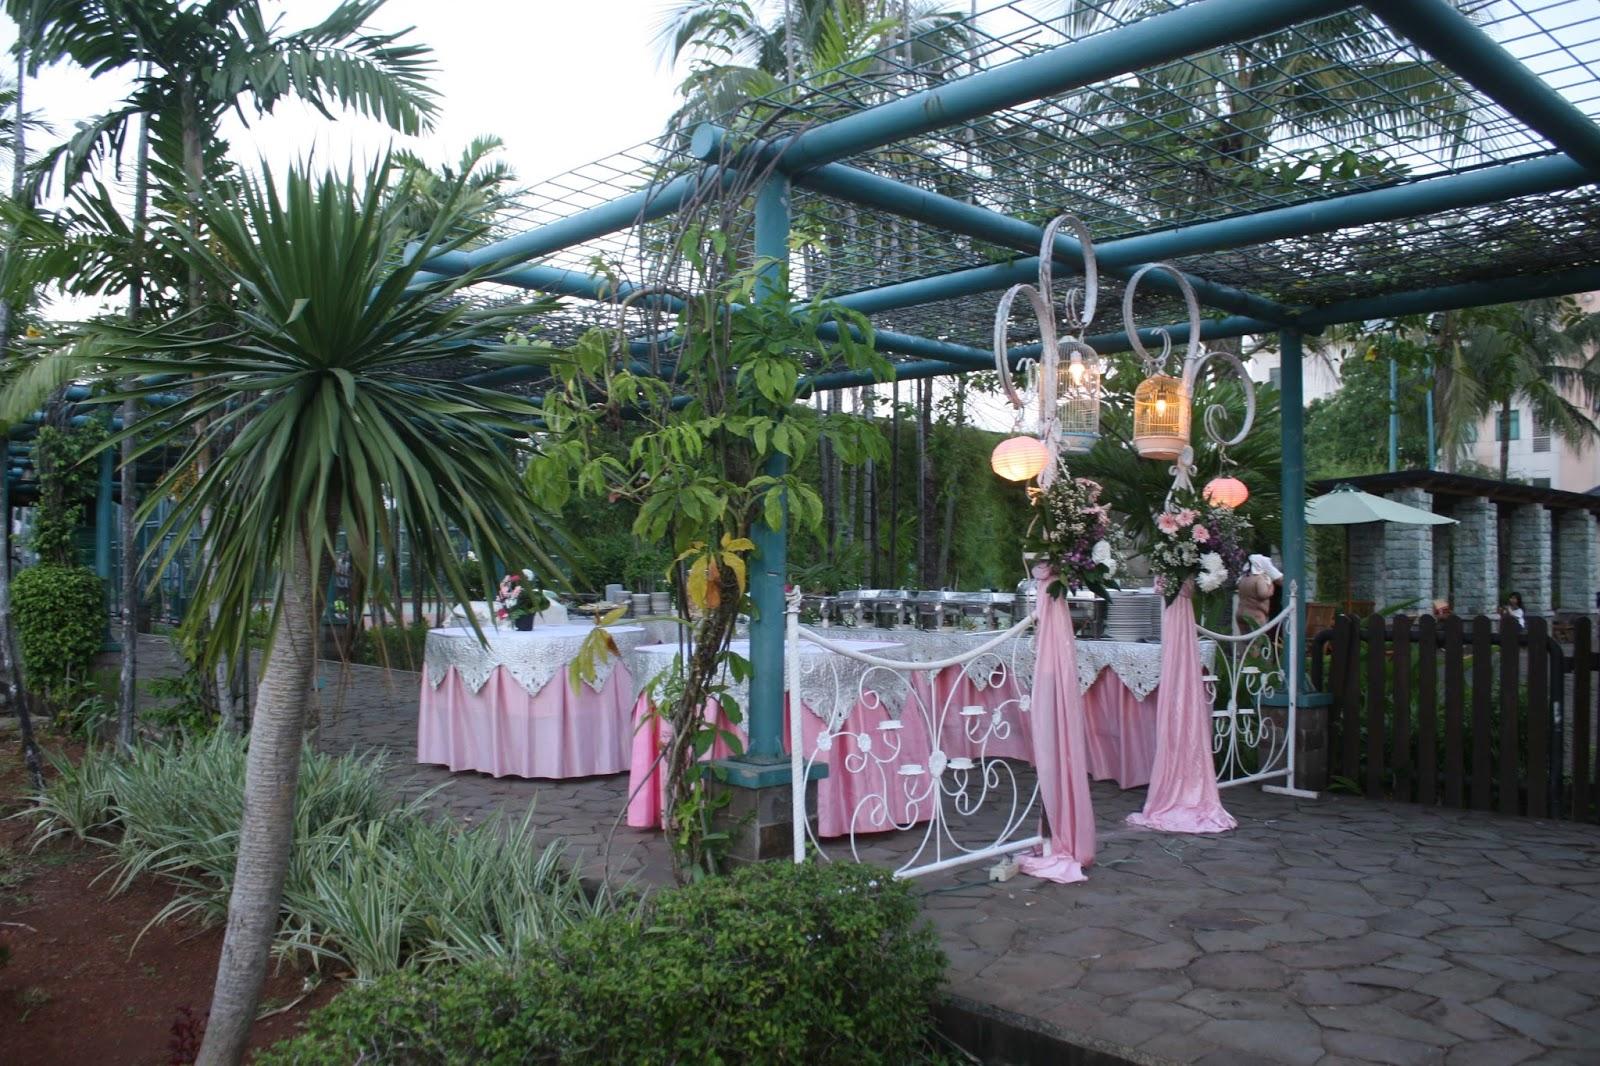 13 Dekorasi Pernikahan Outdoor Minimalis Murah  RUMAH IMPIAN